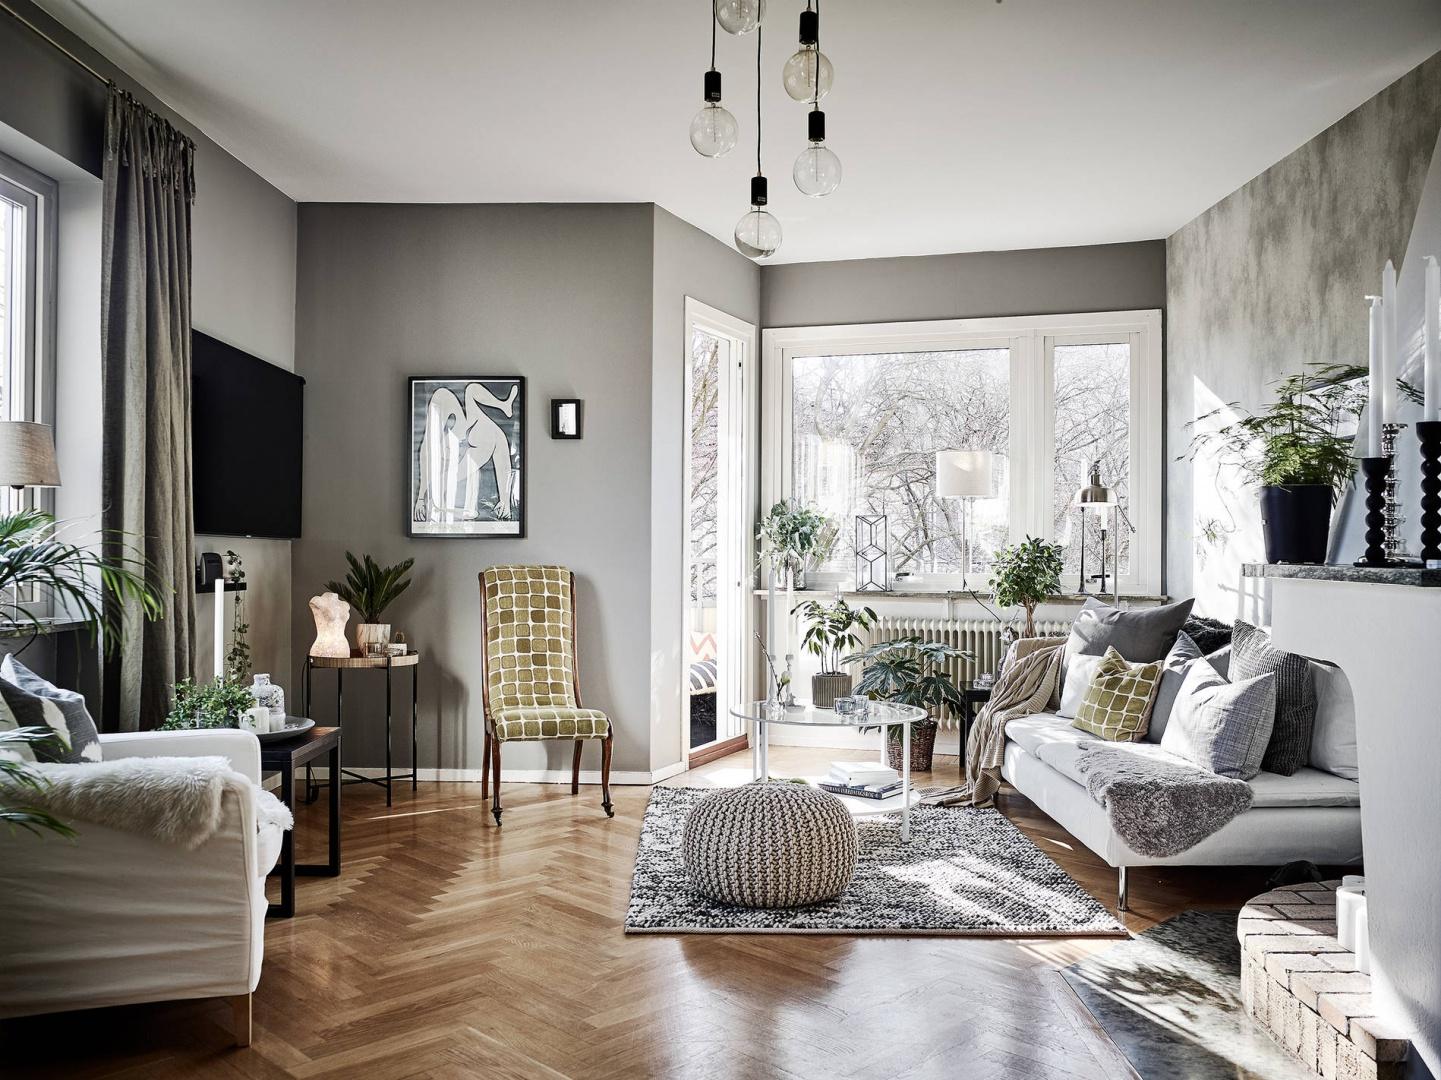 Salon zdominowały szarości. Szare są tutaj ściany, dywan, a nawet meble. Industrialny sznyt wprowadzają żarówki na odsłoniętych oplotach. Fot. Janne Olander/Stadshem.se.